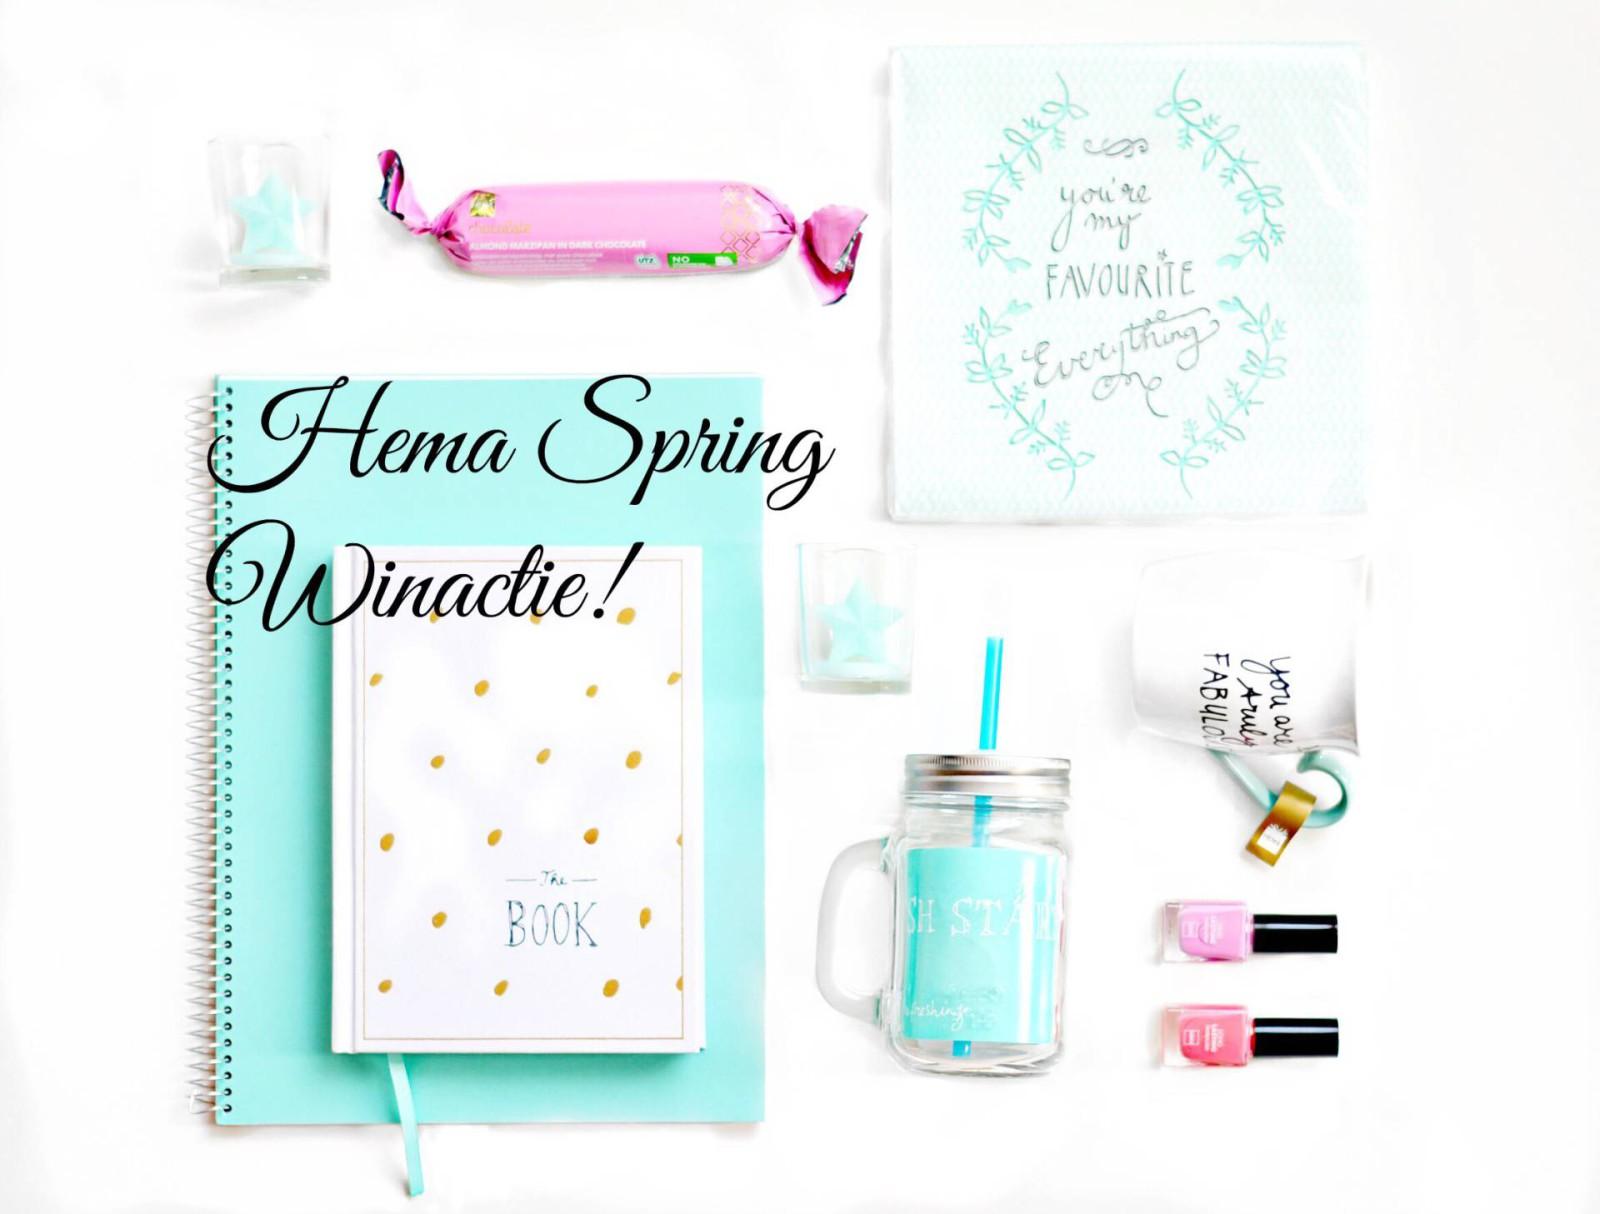 Hema Spring Winactie! imfeelinggood